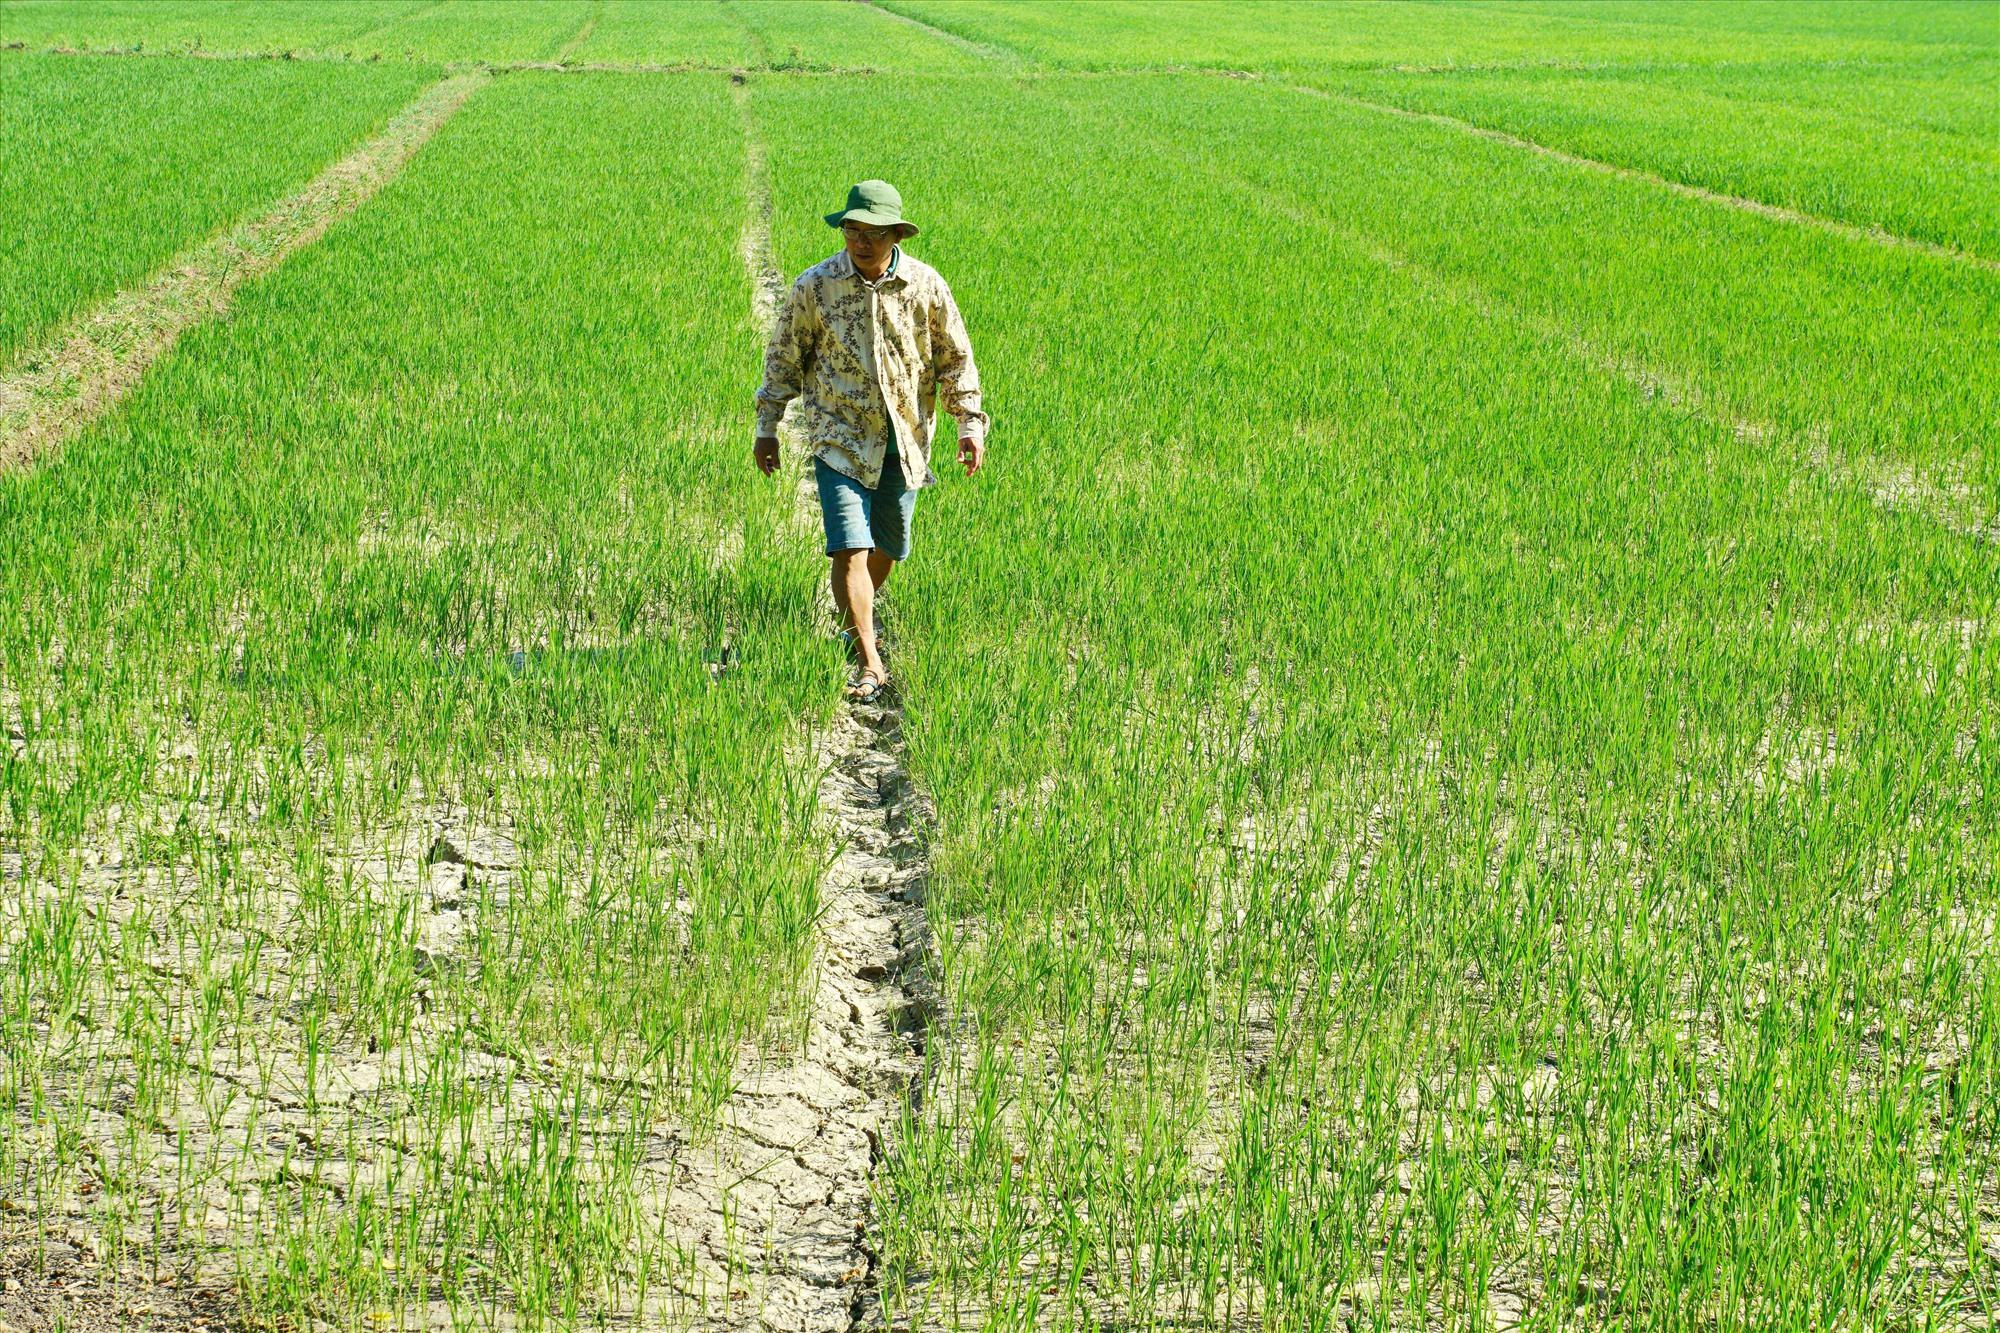 Ruộng đồng ở Hương Trà Đông (Hòa Hương) khô khốc. Ảnh: NGUYỄN ĐIỆN NGỌC